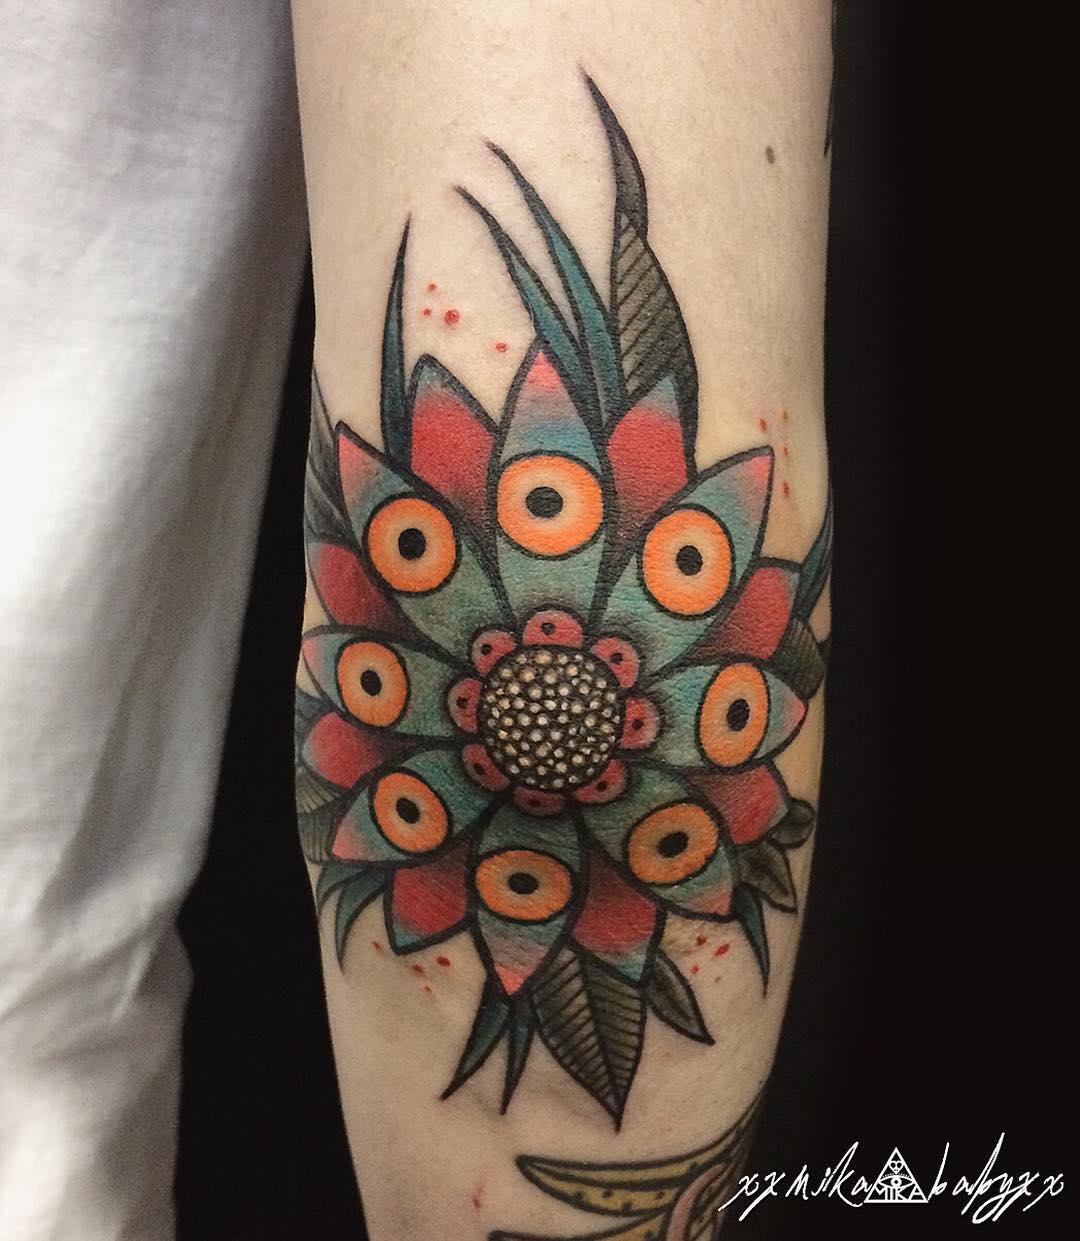 Flower Tattoo Elbow by xxmika_babyxx